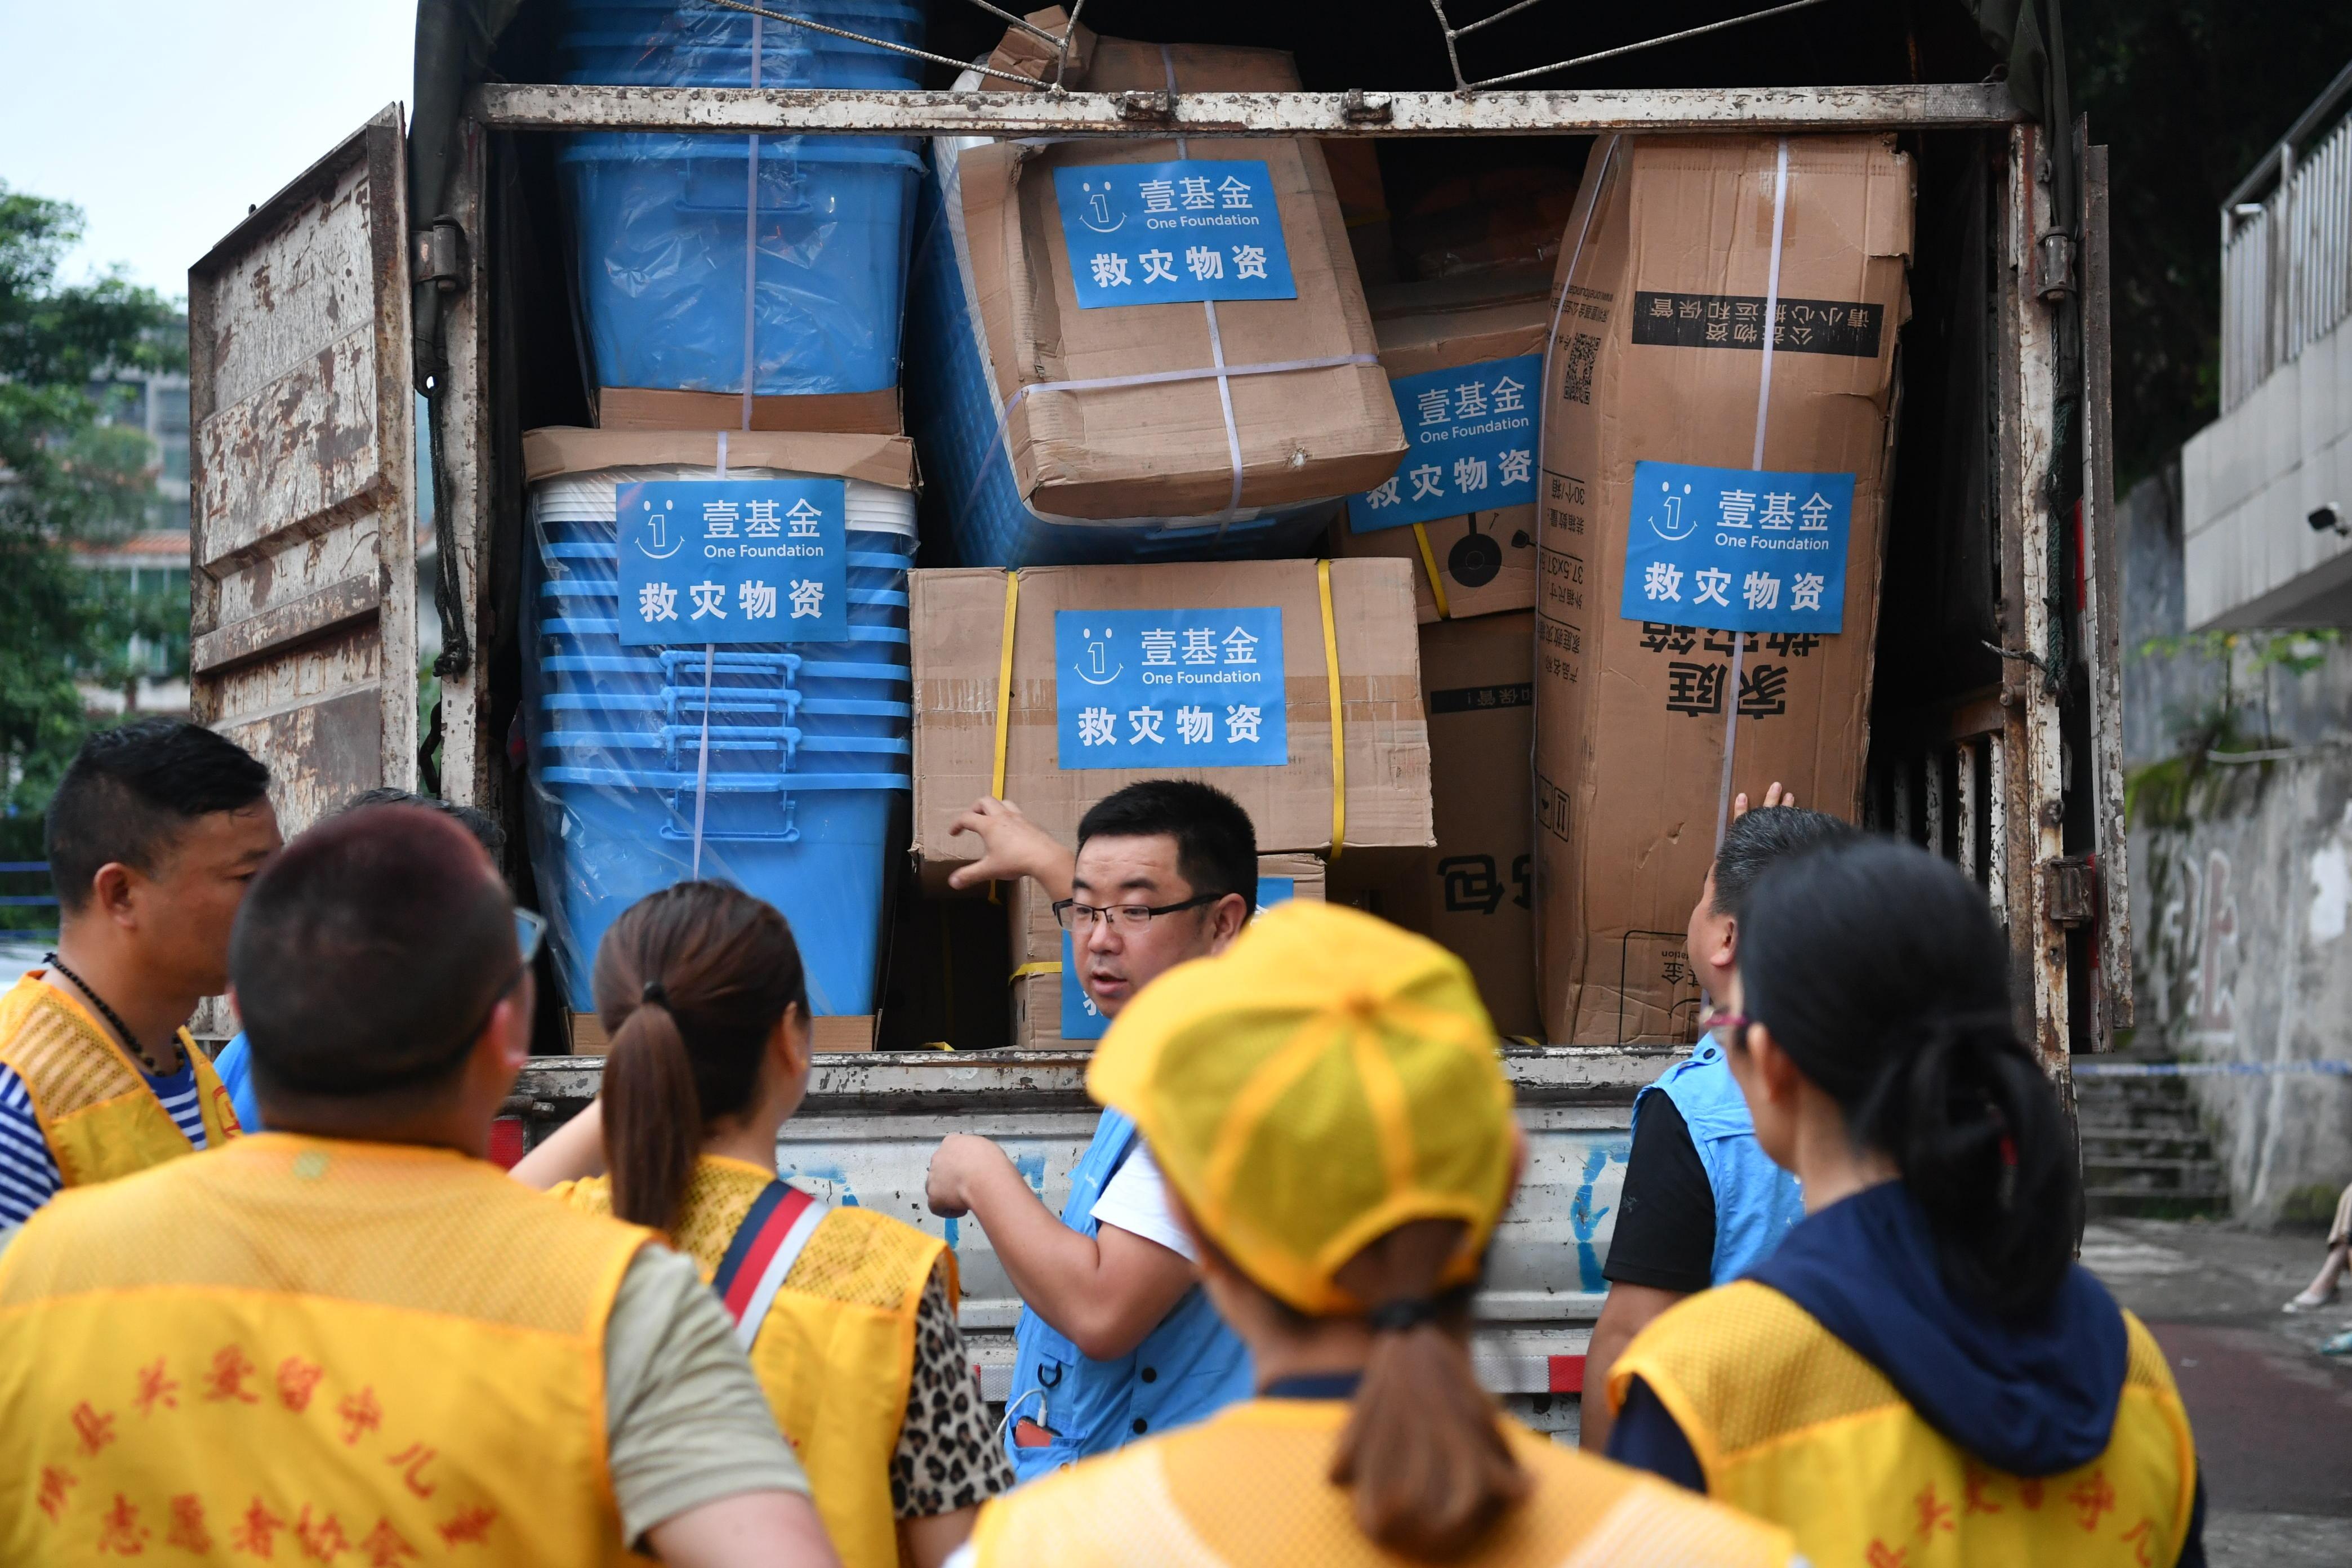 壹基金救在壹线,驰援四川宜宾地震,物资紧张有序发放中